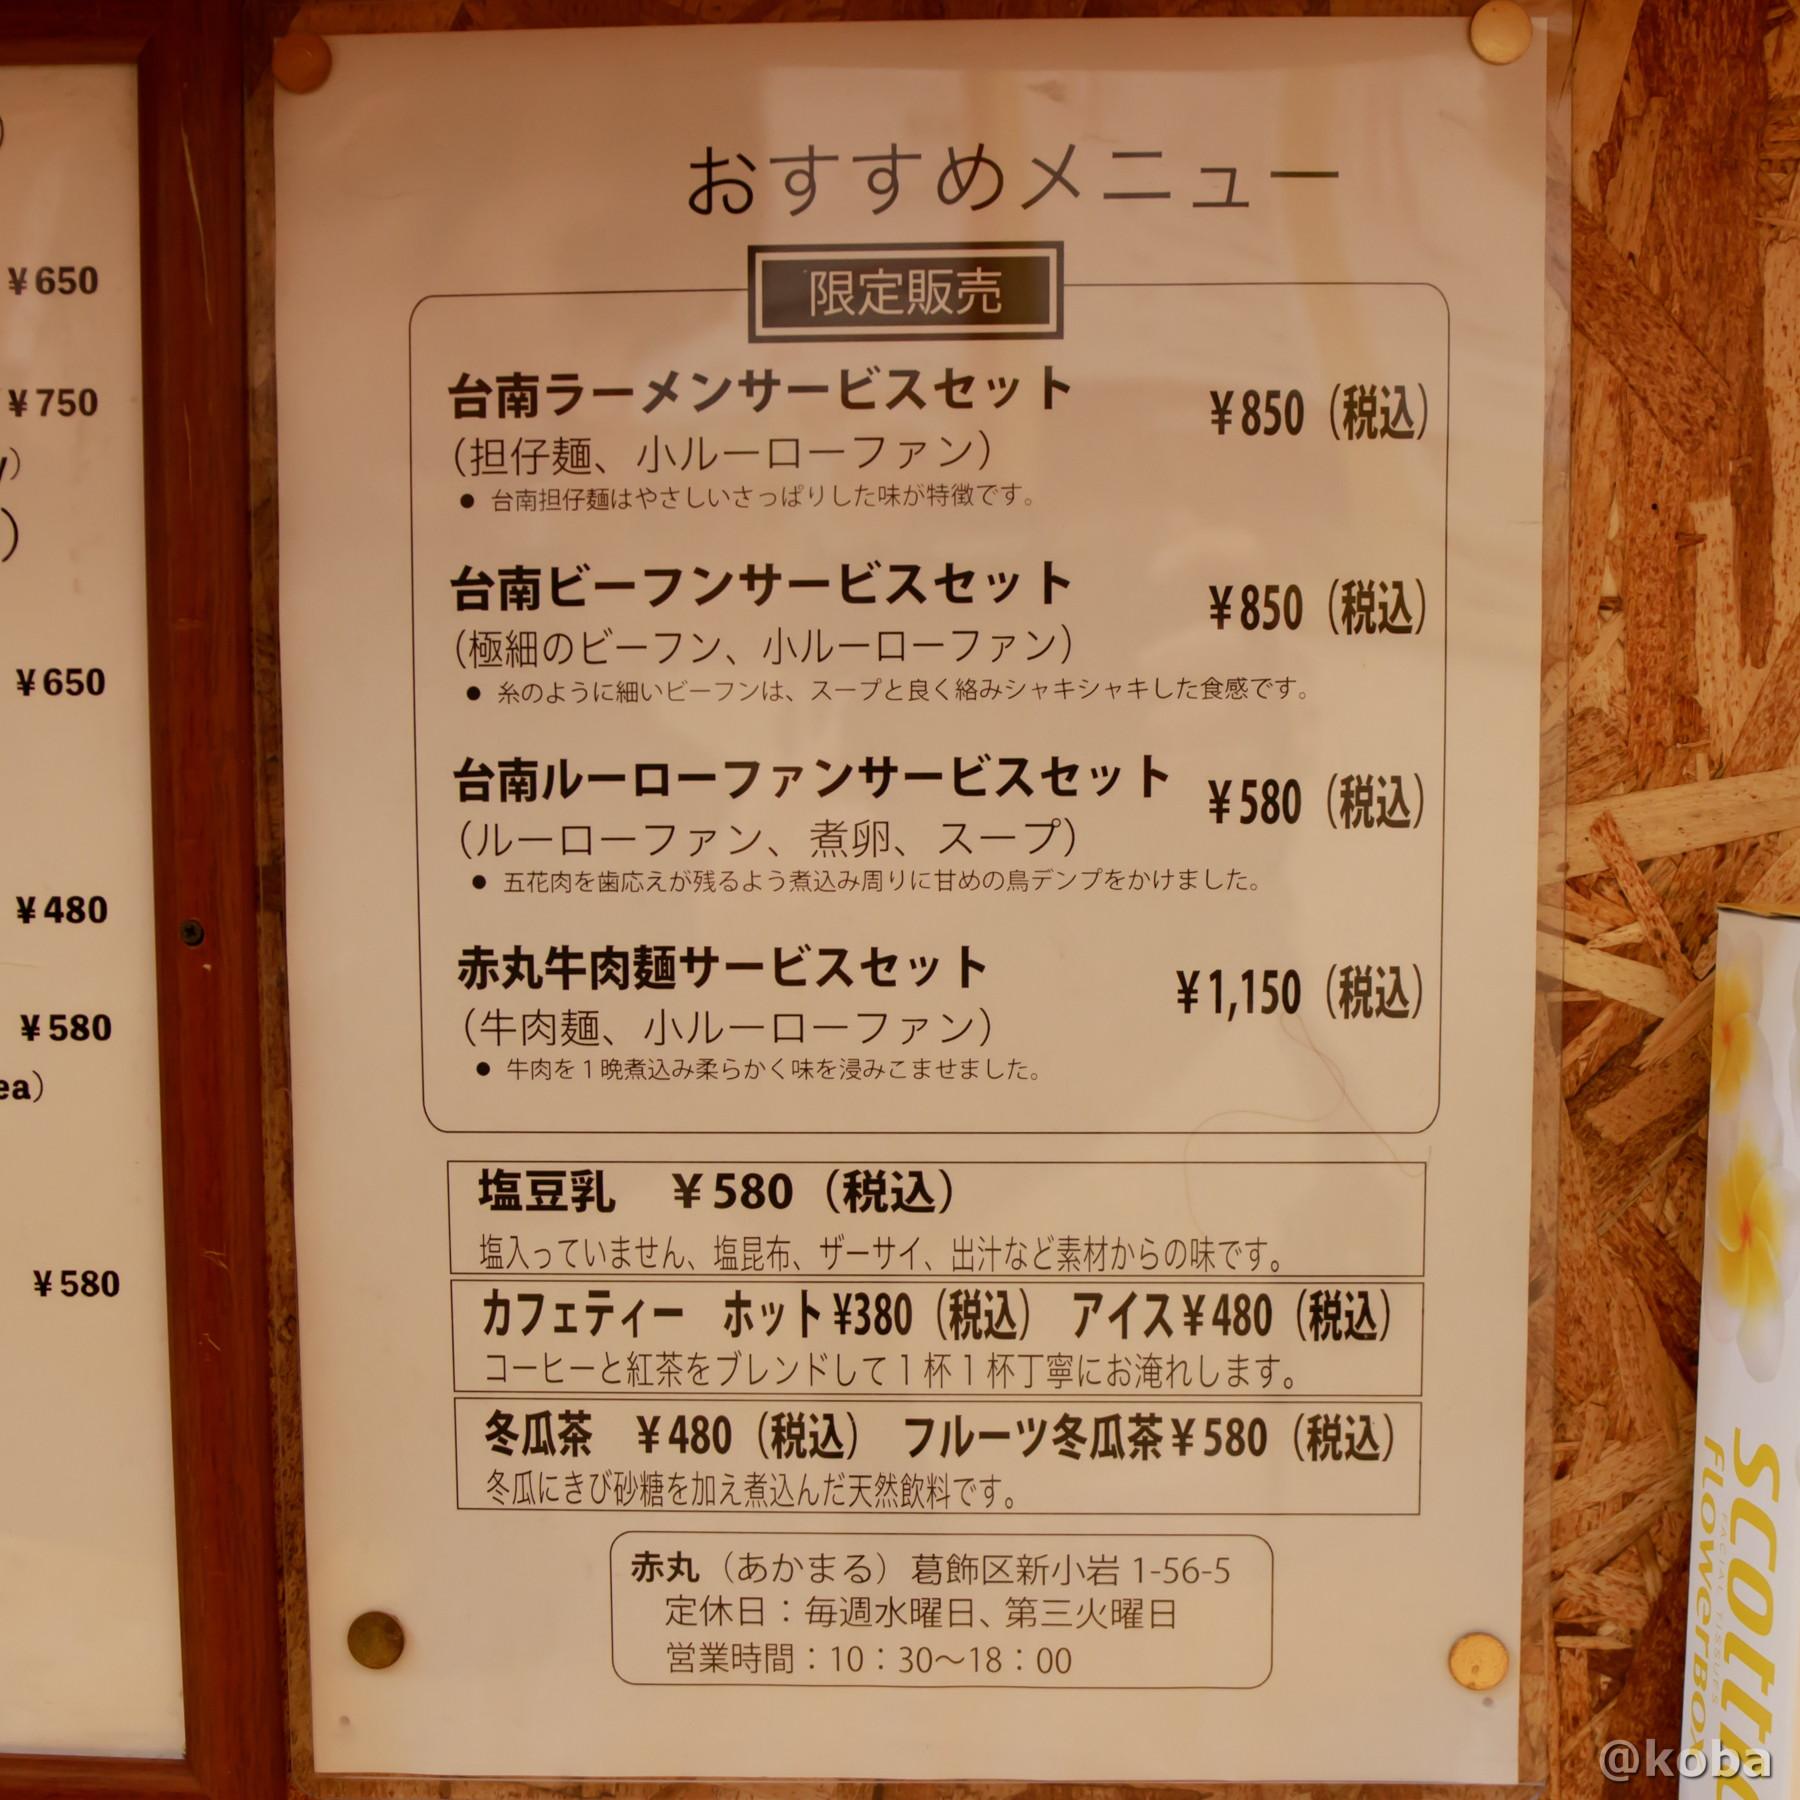 おすすめメニューの写真|赤丸(あかまる)ランチ 台湾料理店|東京都葛飾区・新小岩